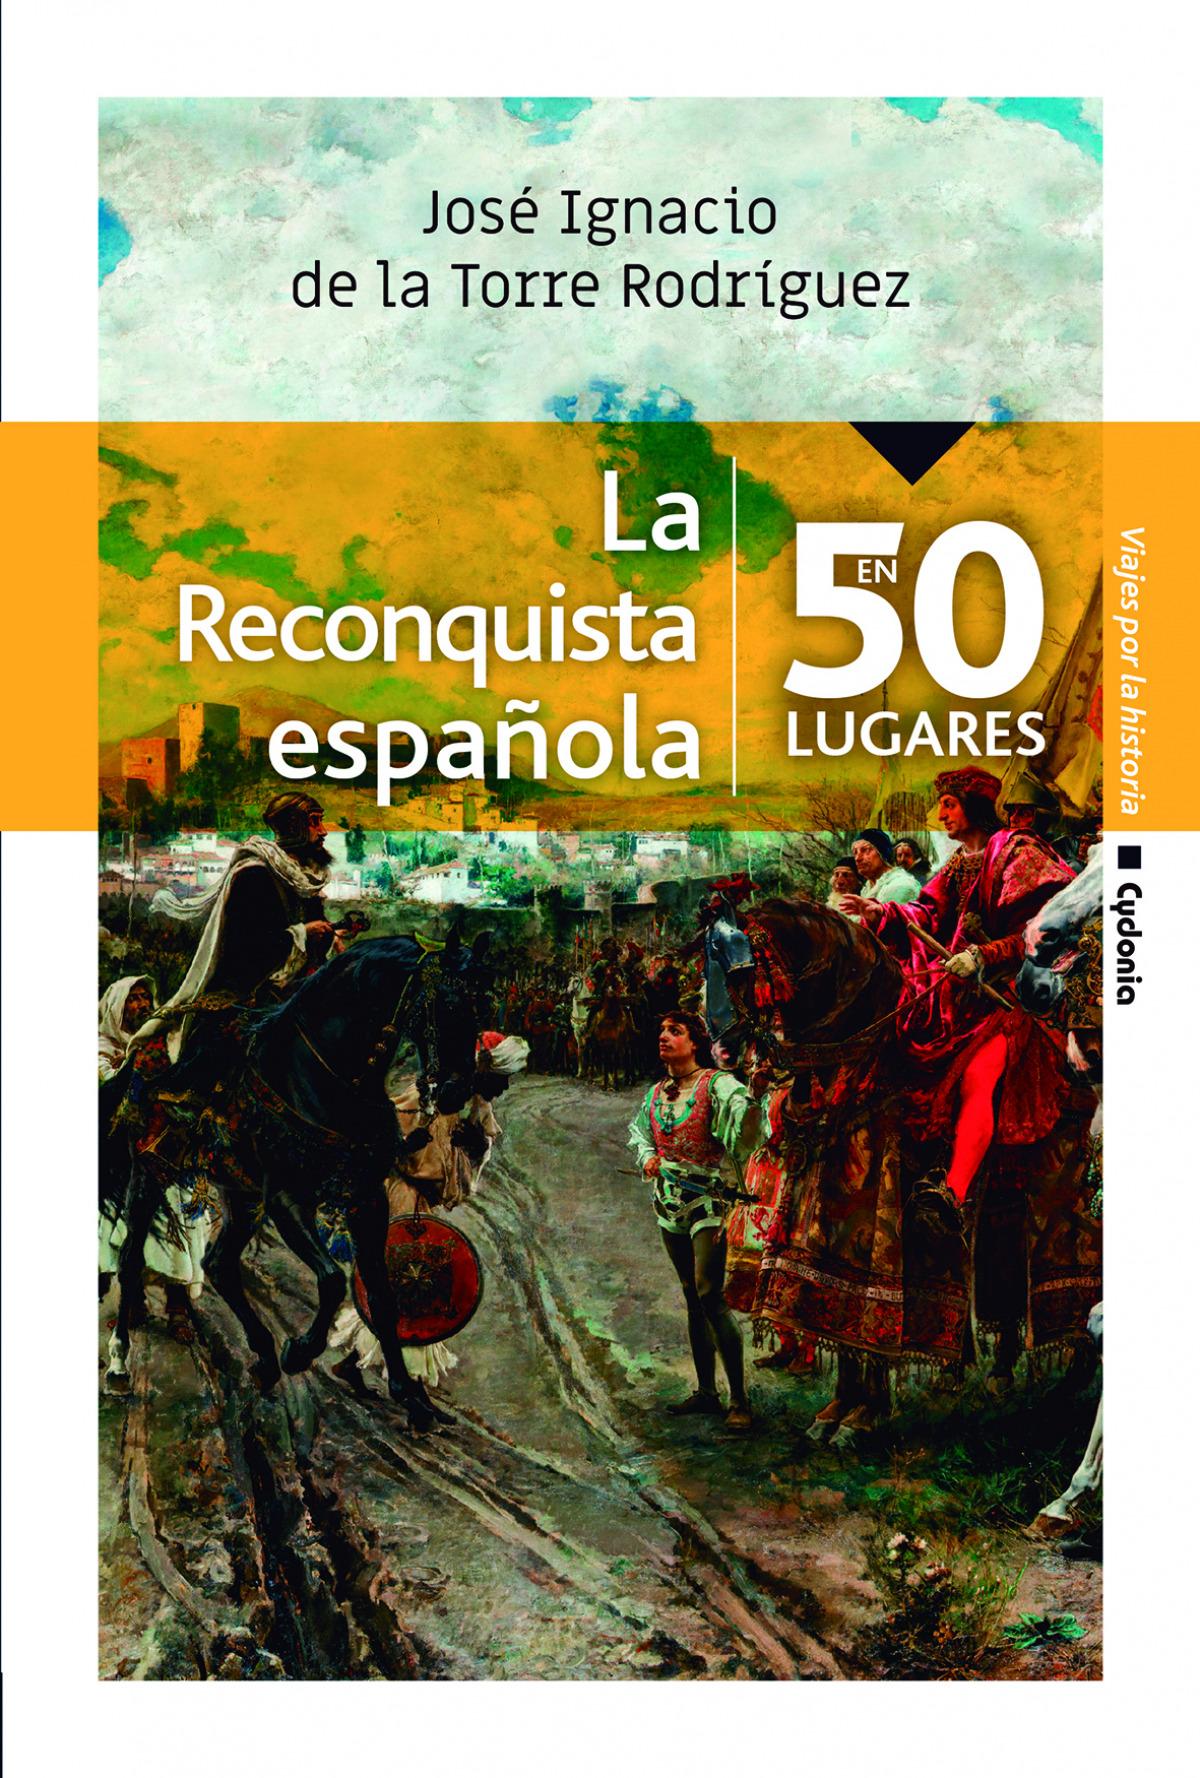 La Reconquista Española en 50 lugares 9788494981623